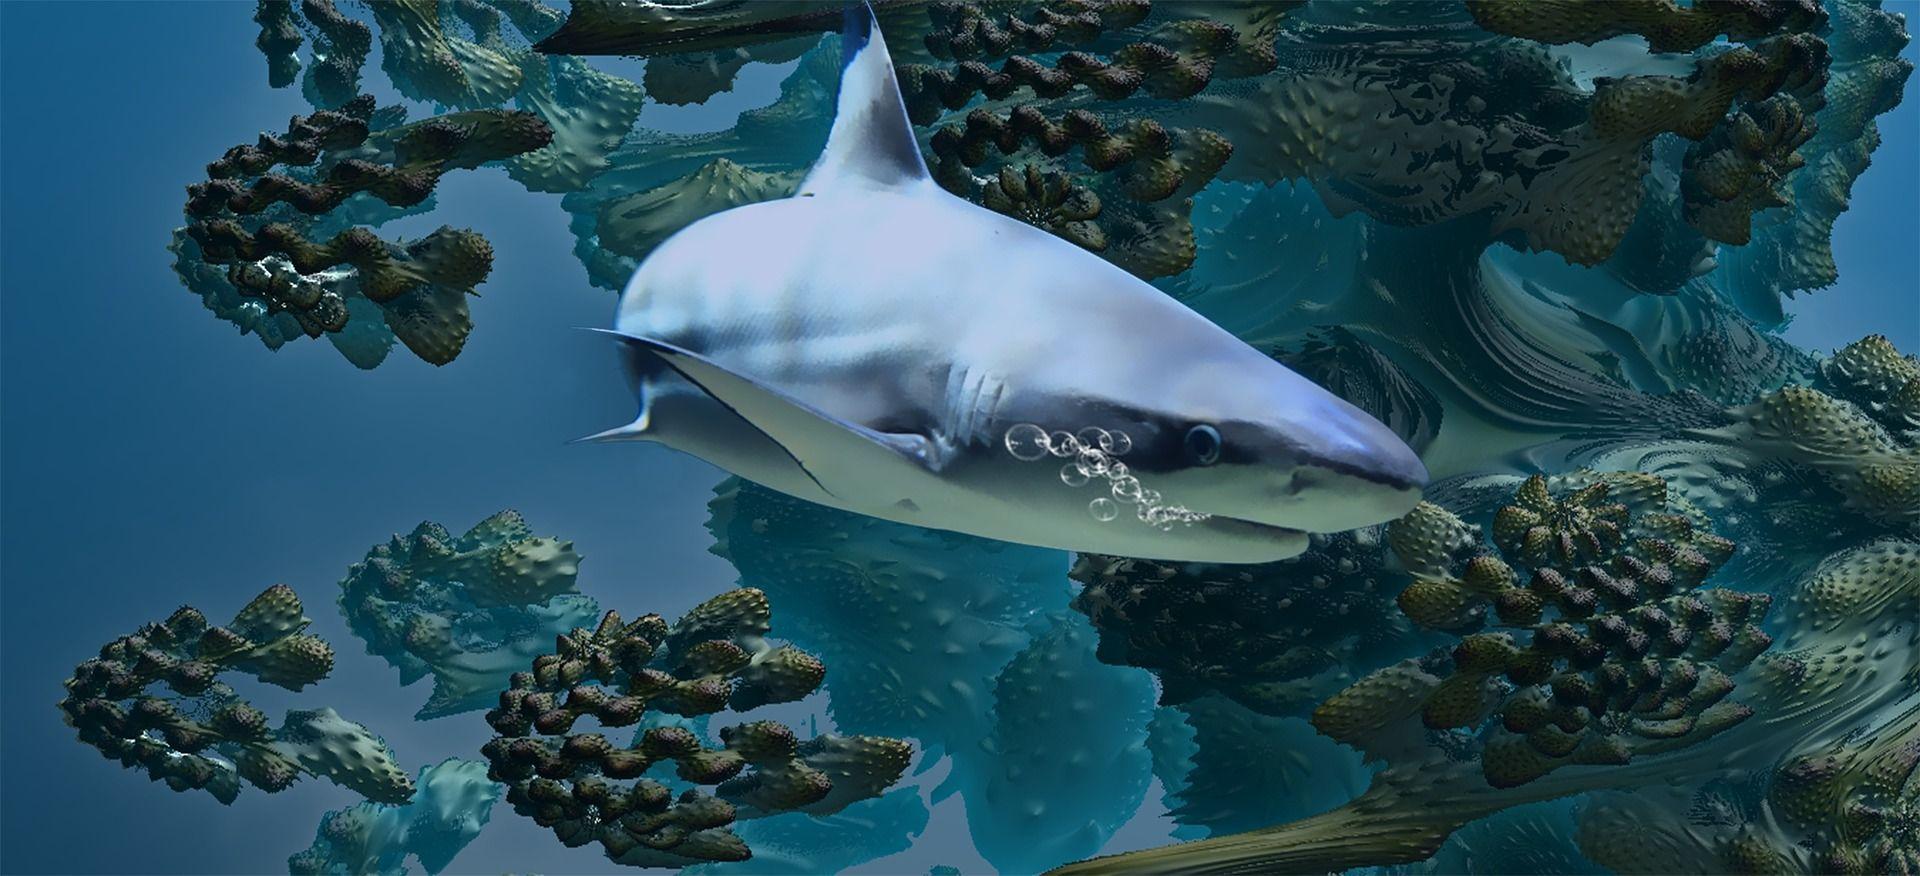 Фото гигантской акулы в хорошем качестве